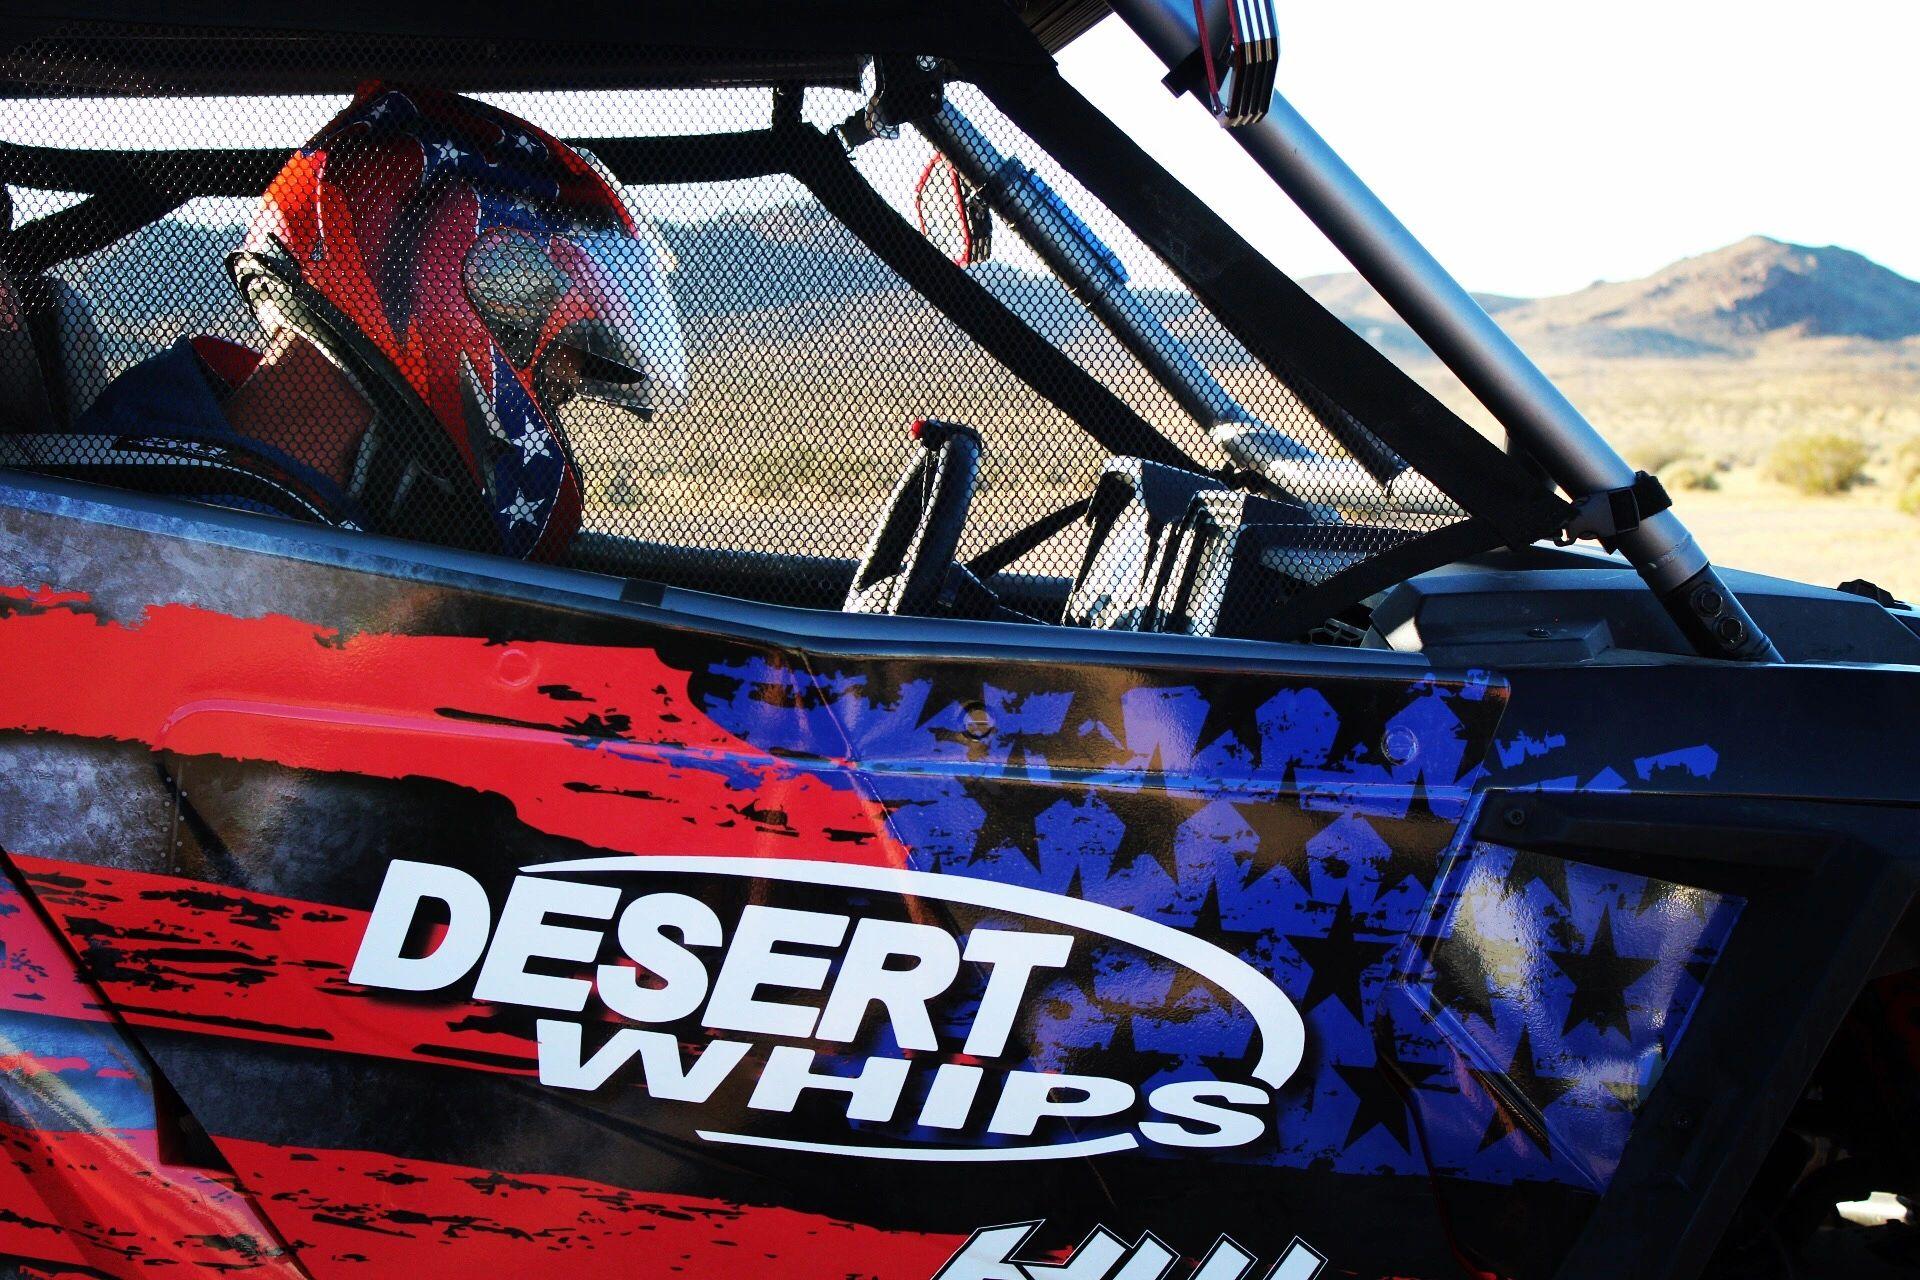 DesertWhips | DesertWhips